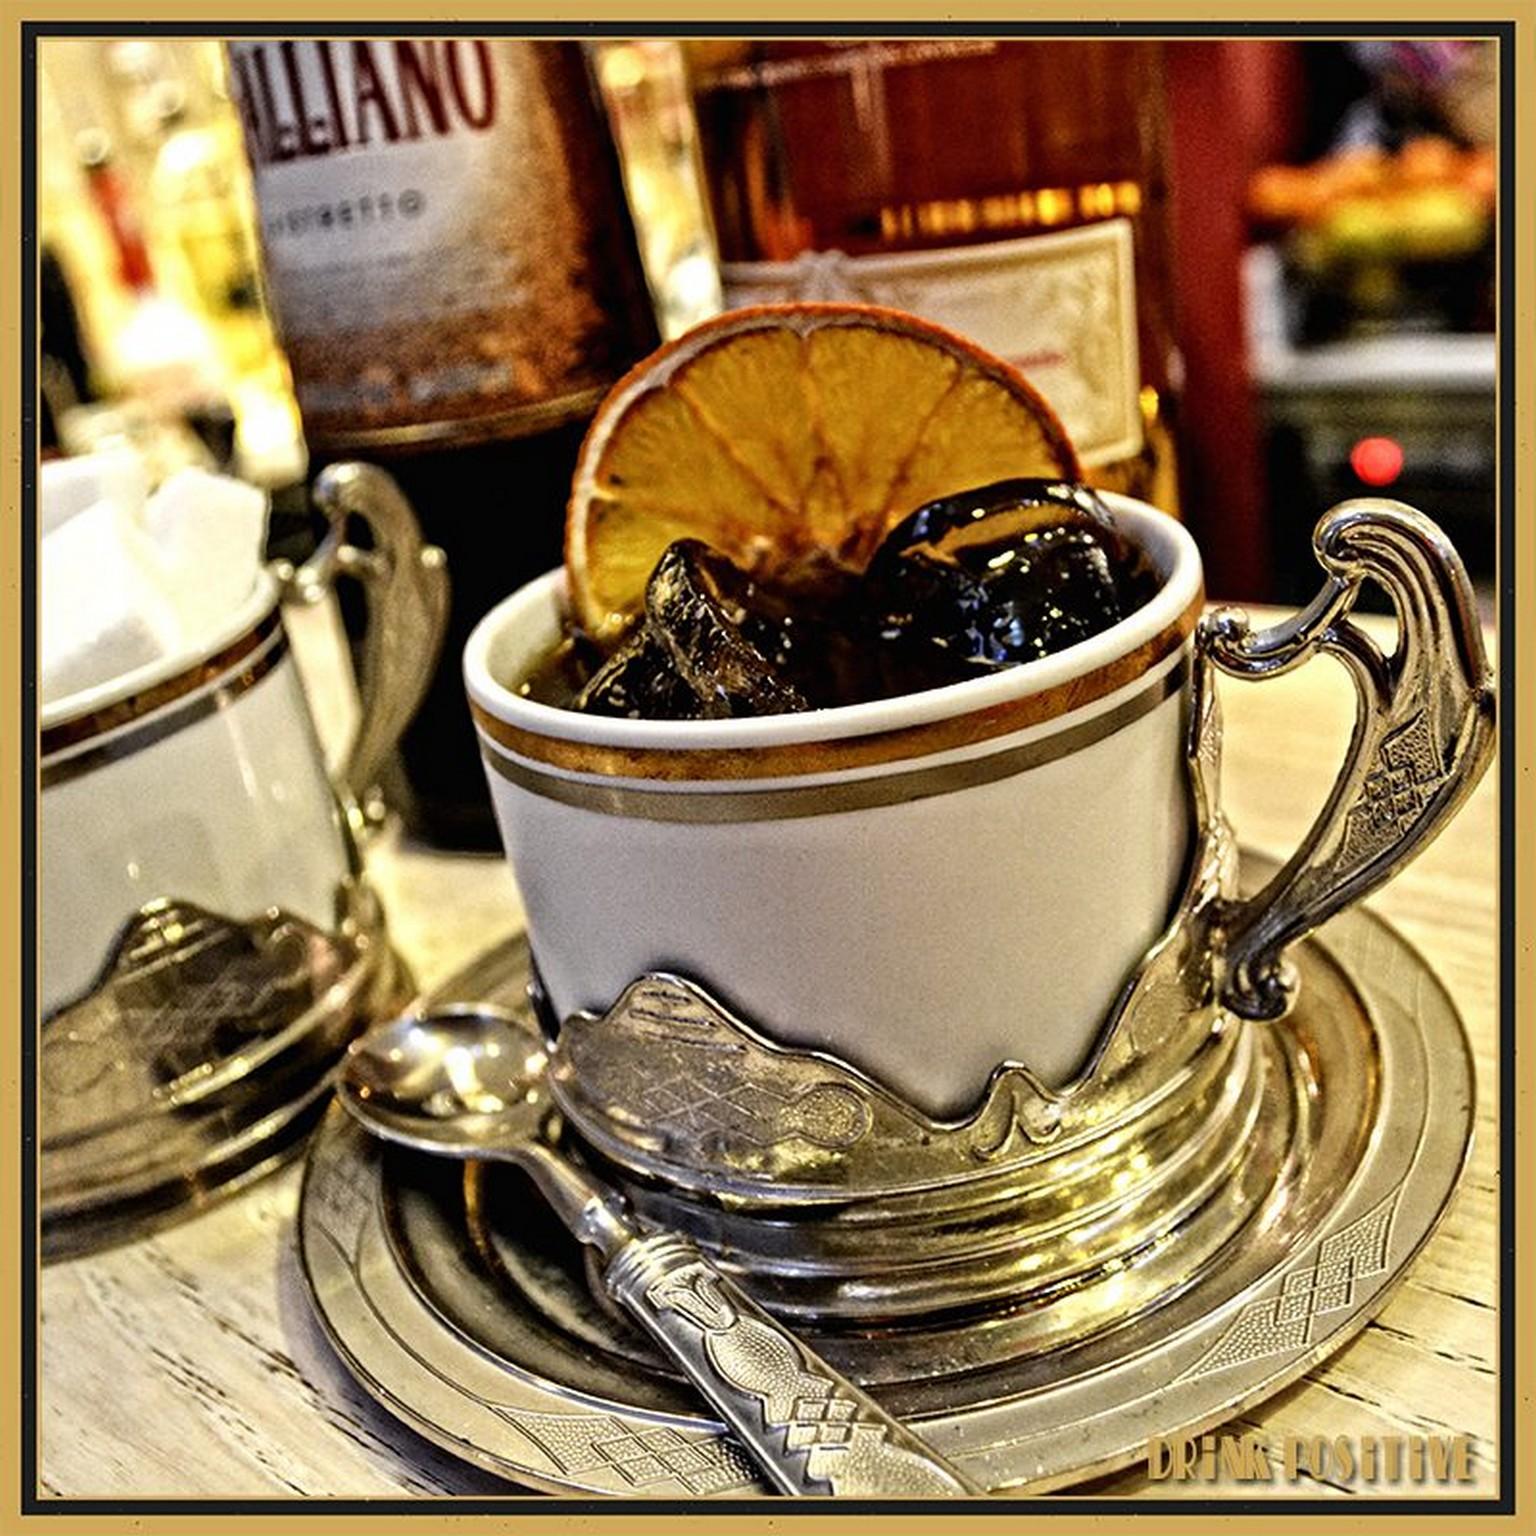 fabio_camboni_Gaeta_Drink_Positive_consulenze__apertura_locali_corsi_barman_049